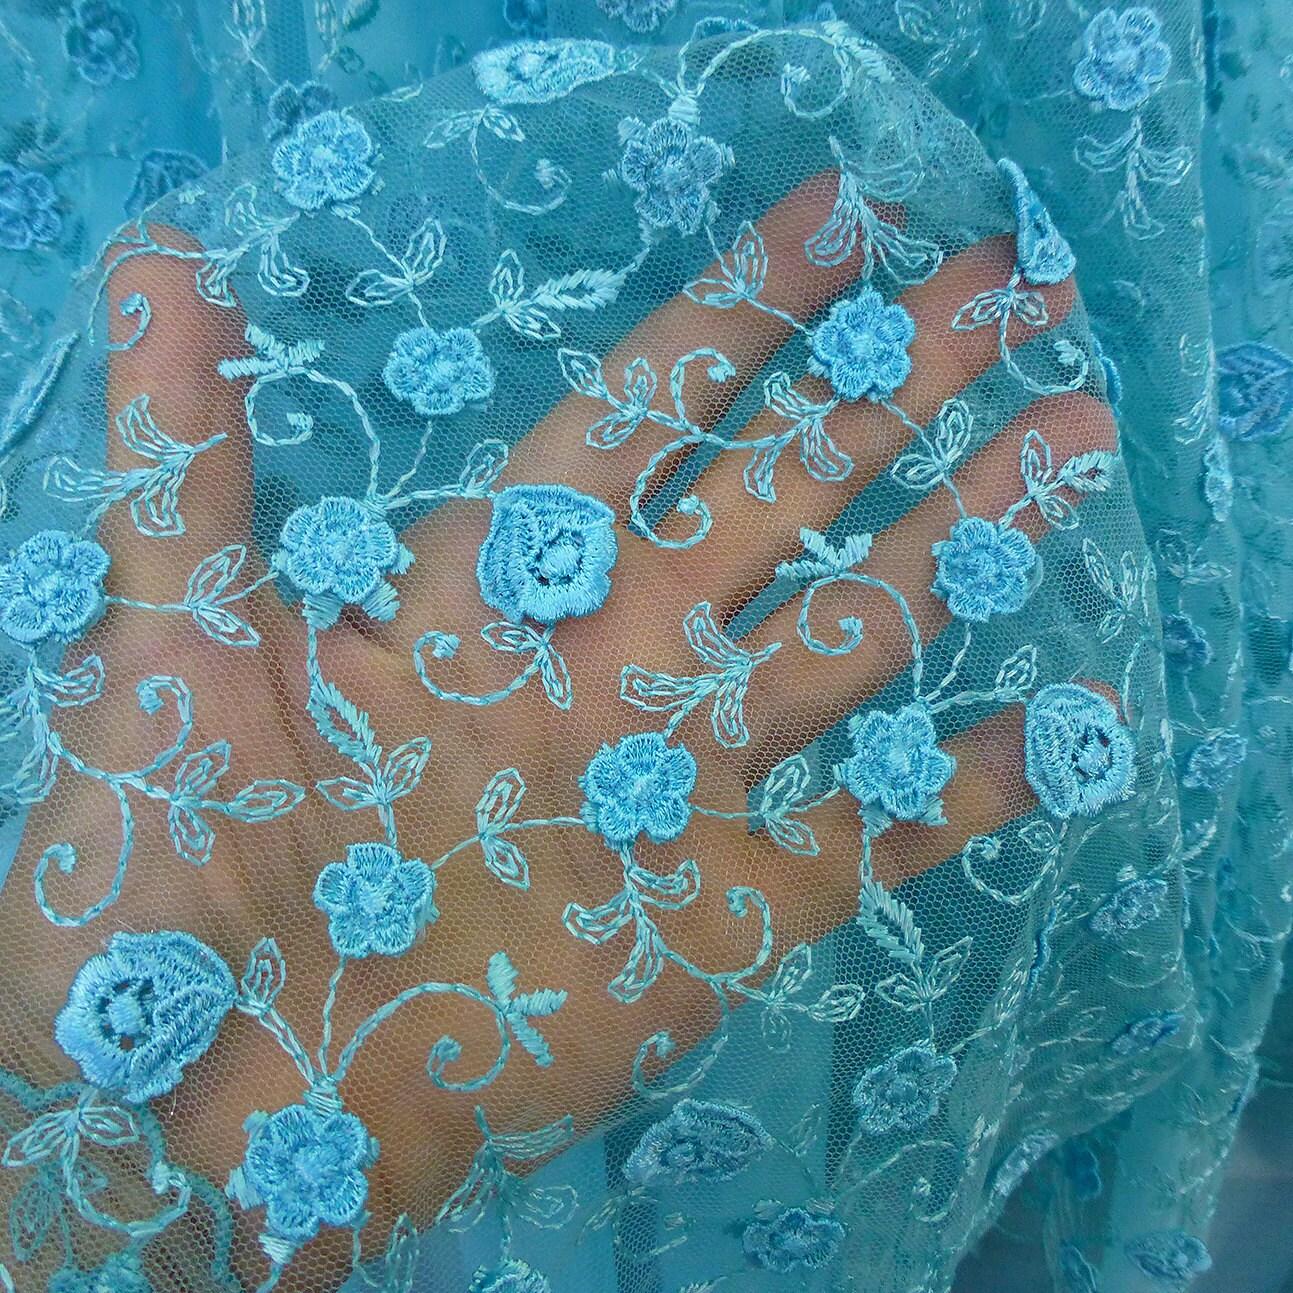 fleurs 3d en tissu dentelle bleu turquoise tulle broderie. Black Bedroom Furniture Sets. Home Design Ideas